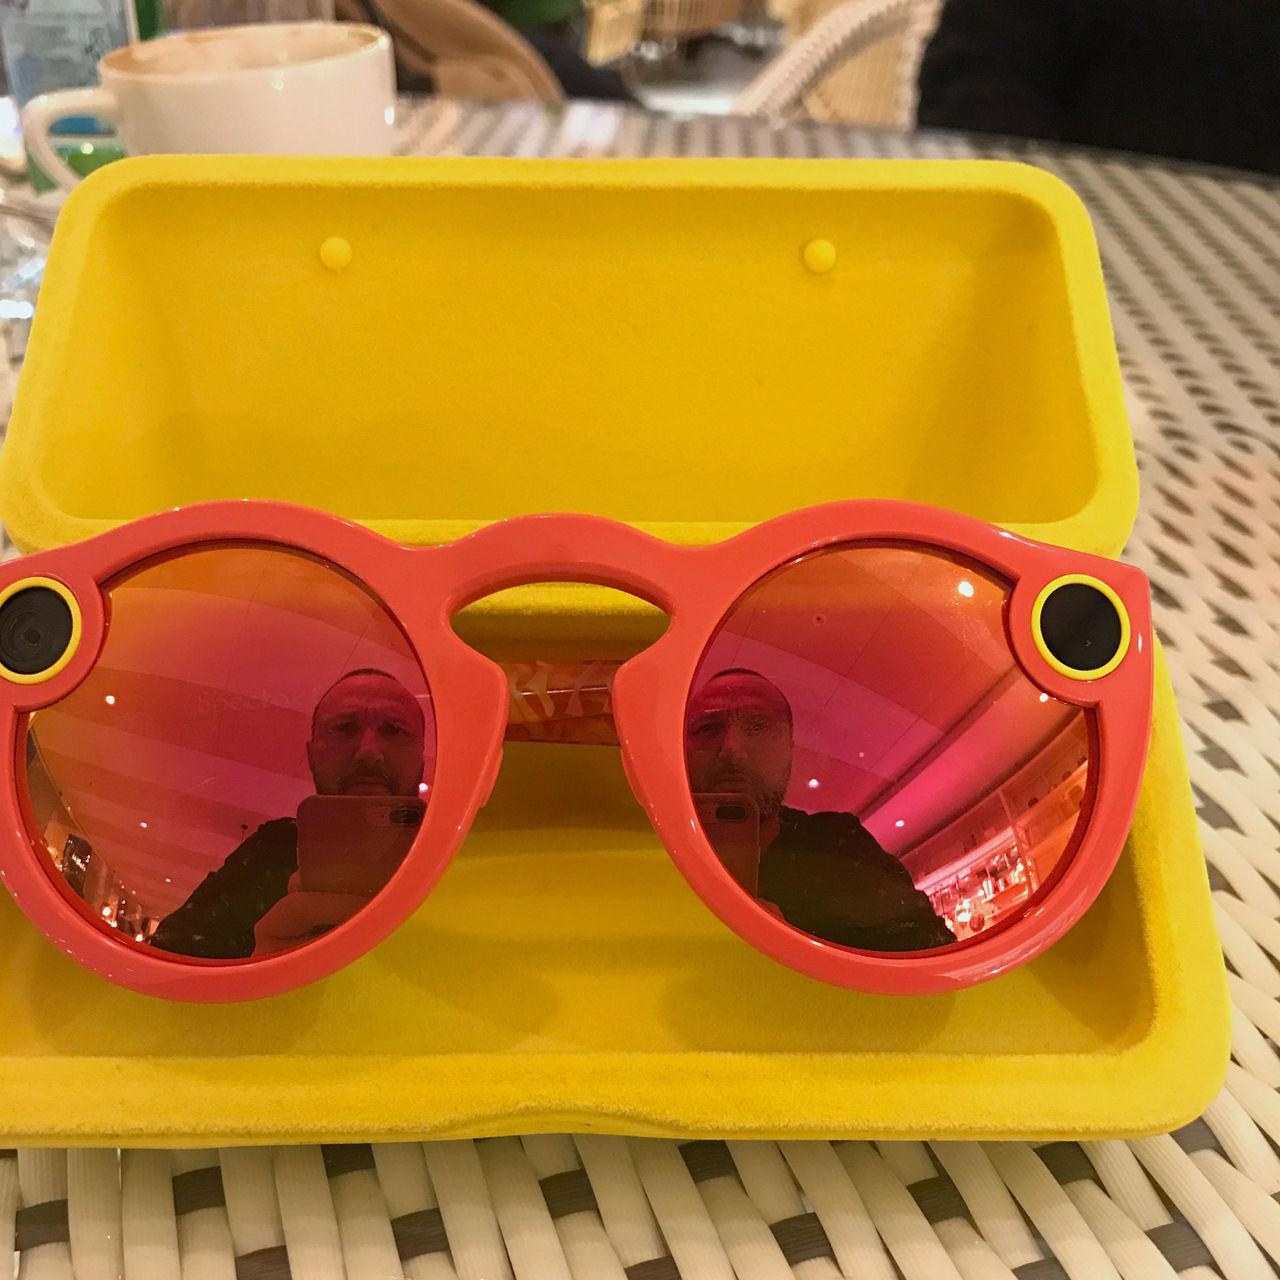 Vi har känt på Snap Spectacles